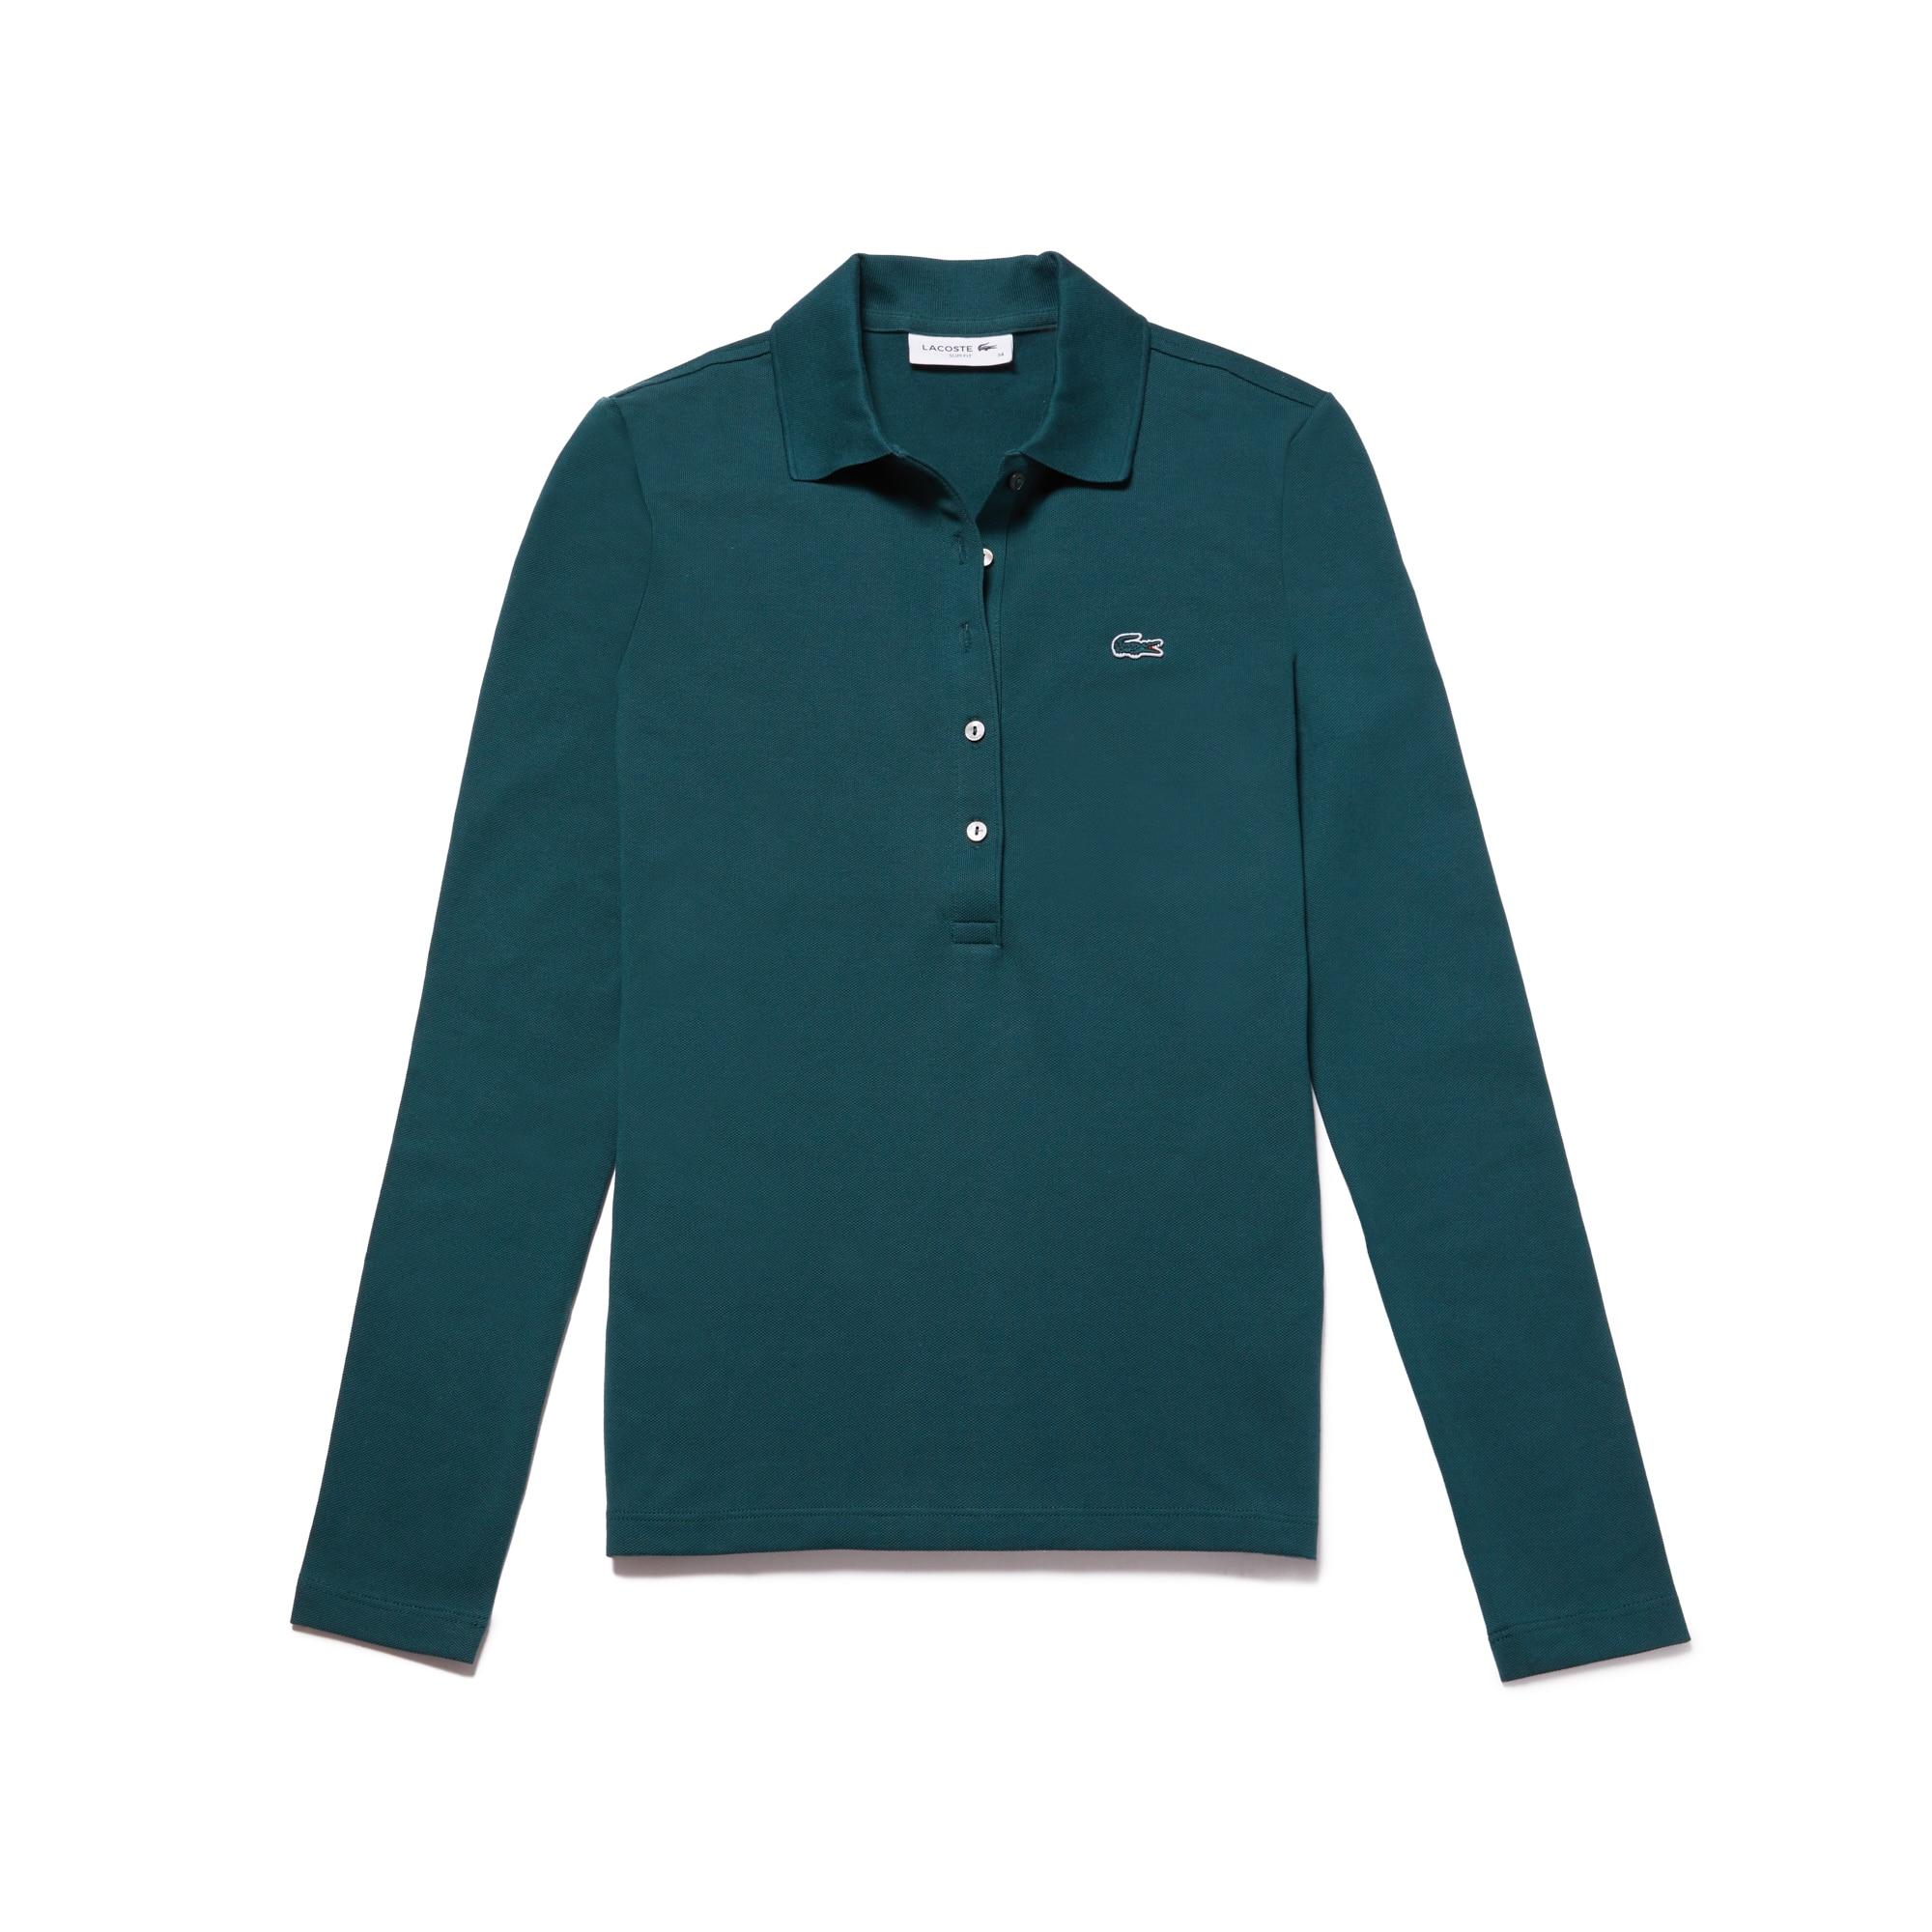 5b82dcc3f المزيد من الألوان. تخفيضات 40%. قميص بولو Lacoste للنساء مقاس ضيق من قماش  البيكيه